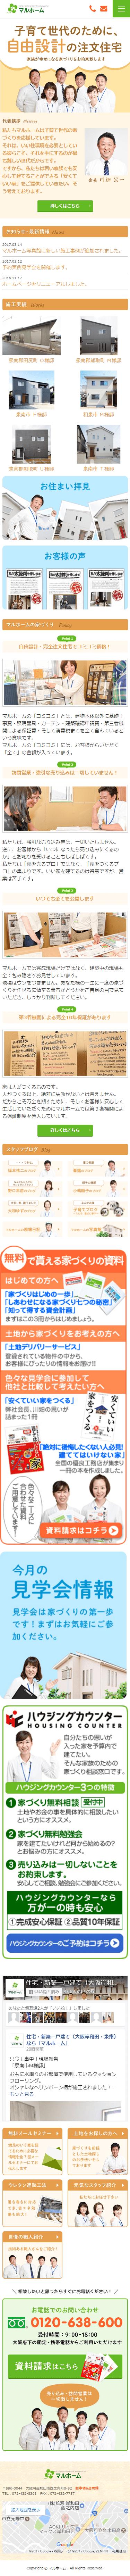 岸和田市 株式会社マルホーム様 ホームページ制作3